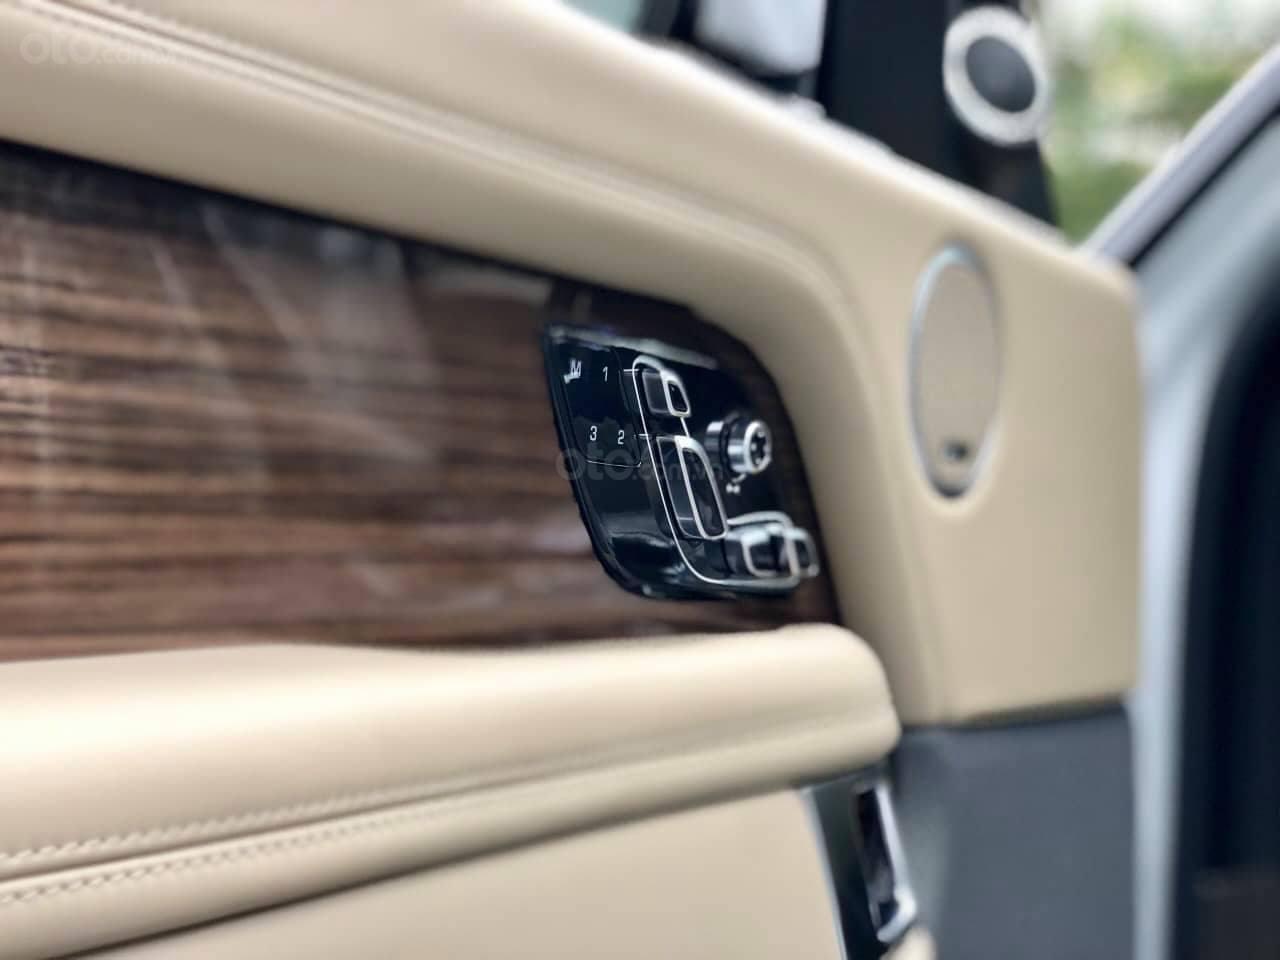 Bán ô tô LandRover Range Rover HSE đời 2018, màu trắng, nhập khẩu nguyên chiếc, LH 0905098888 - 0982.84.2838 (7)